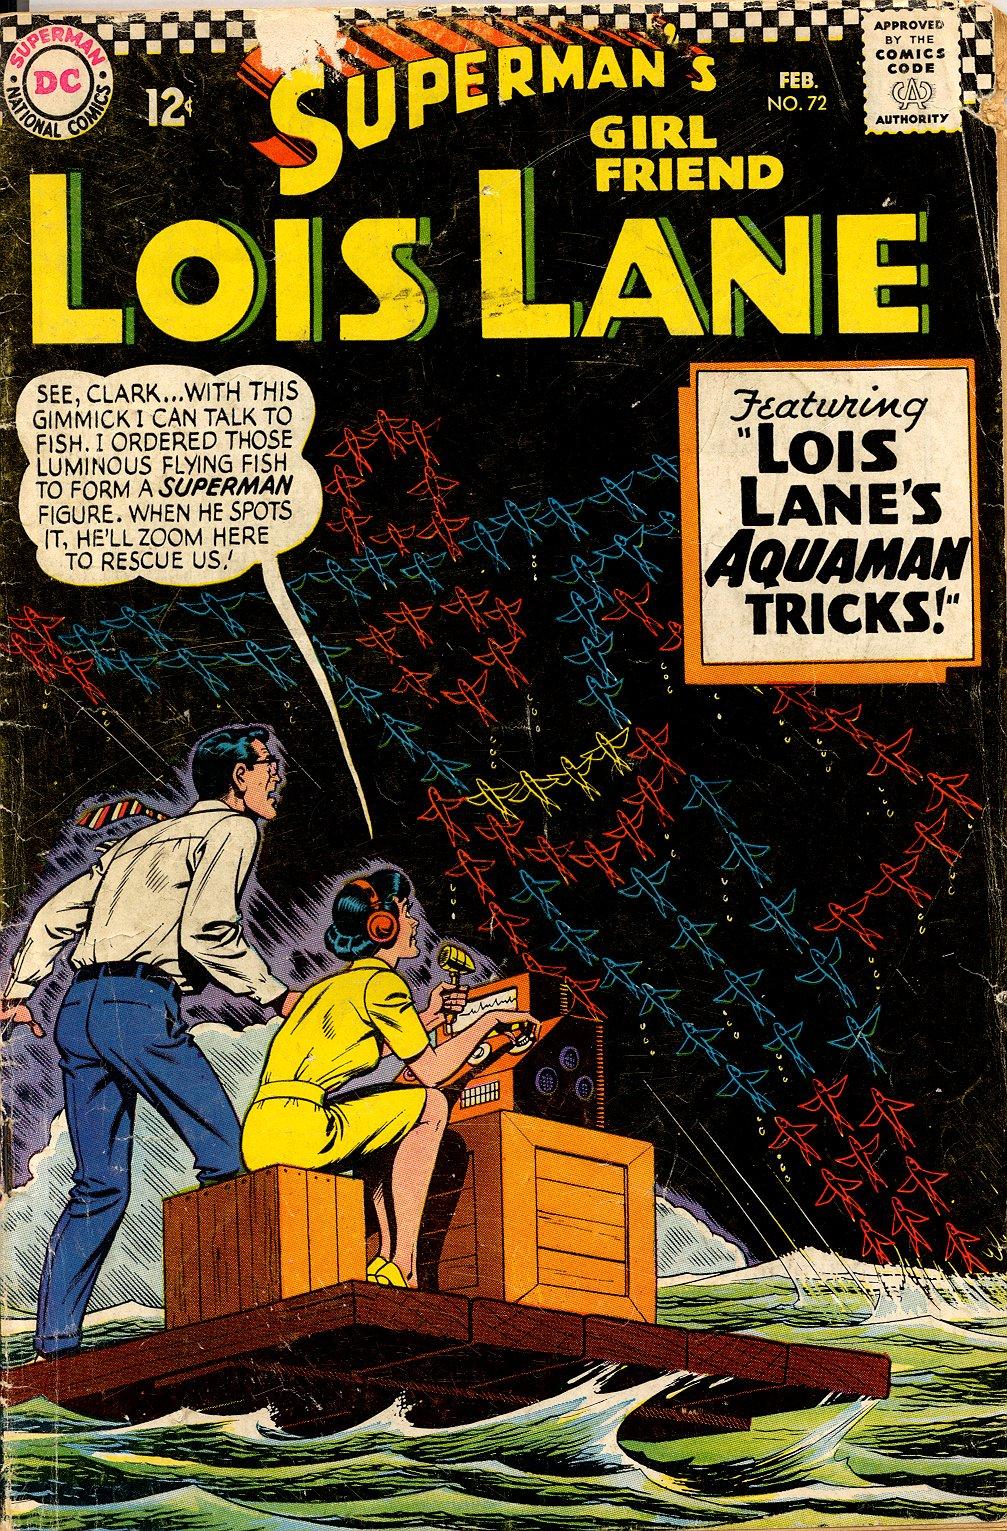 Supermans Girl Friend, Lois Lane 72 Page 1